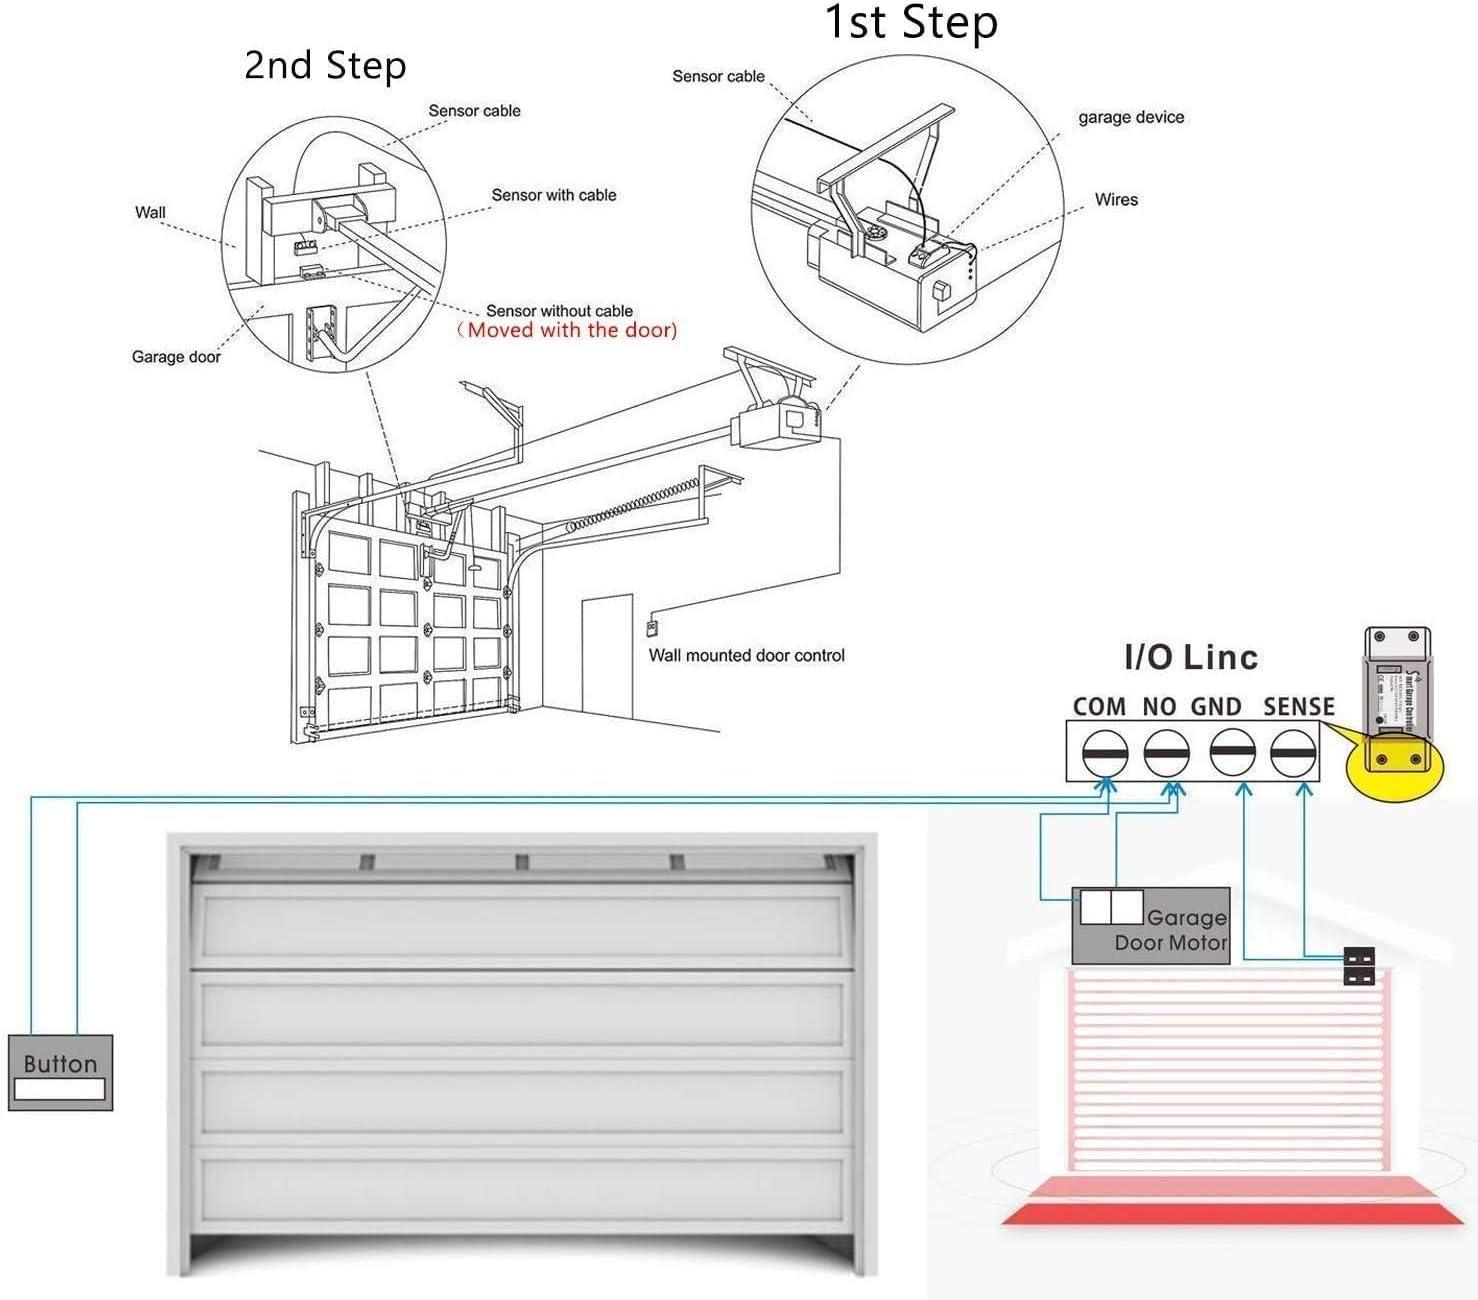 Intelligent WiFi Garage Door Opener WiFi Garage Door Switch No Hub Required Google Assistant Smart Life//Tuya App Control Compatible with Alexa Smart WLAN Garage Door Opener 2.4G WiFi